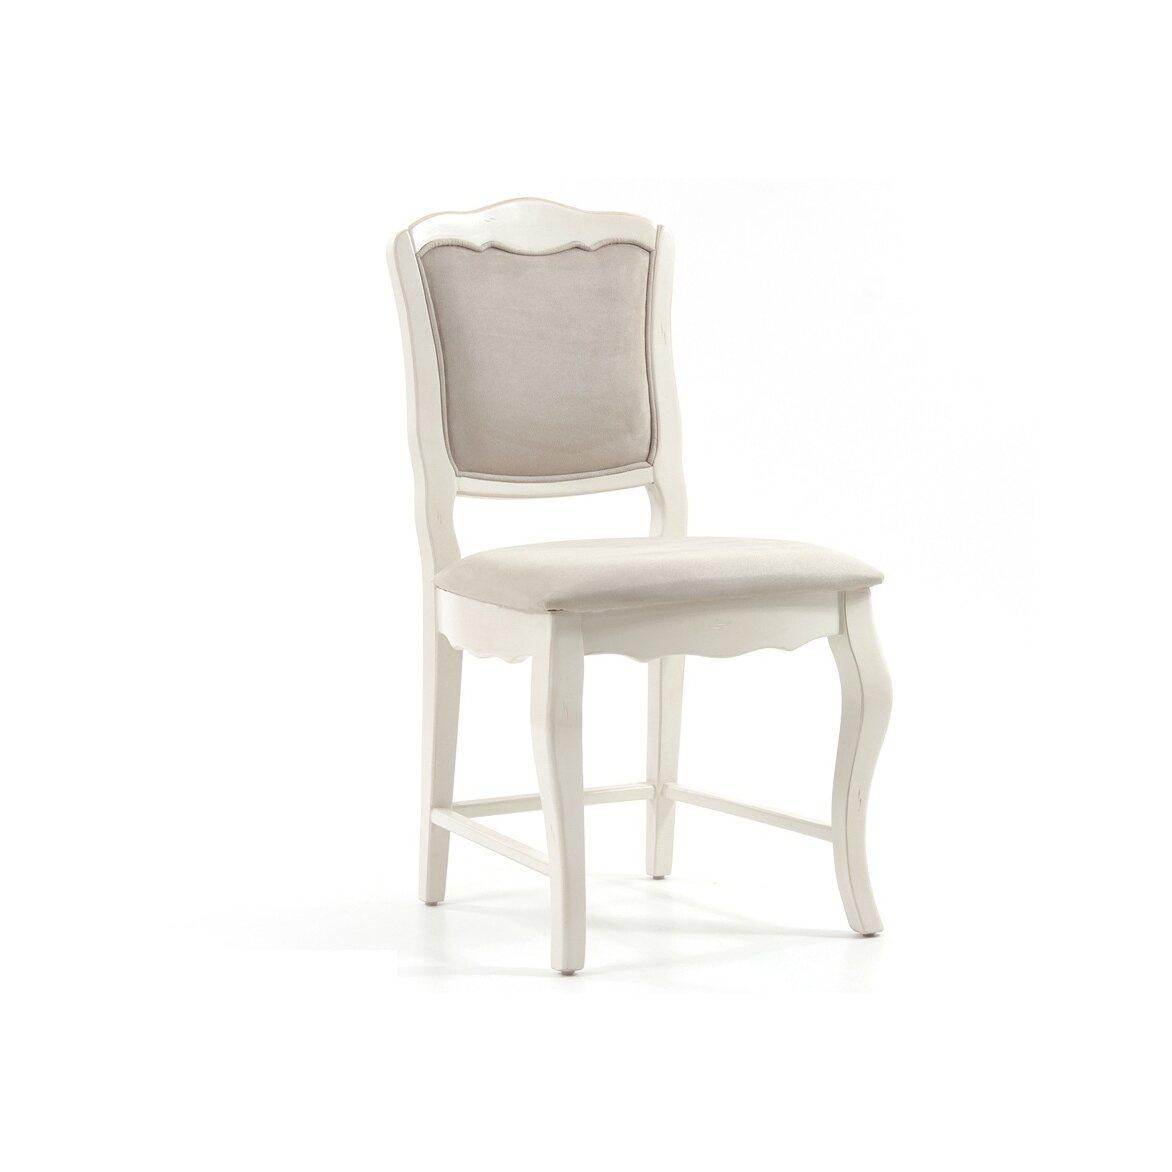 Стул с мягким сиденьем Leontina, бежевого цвета 3 | Обеденные стулья Kingsby